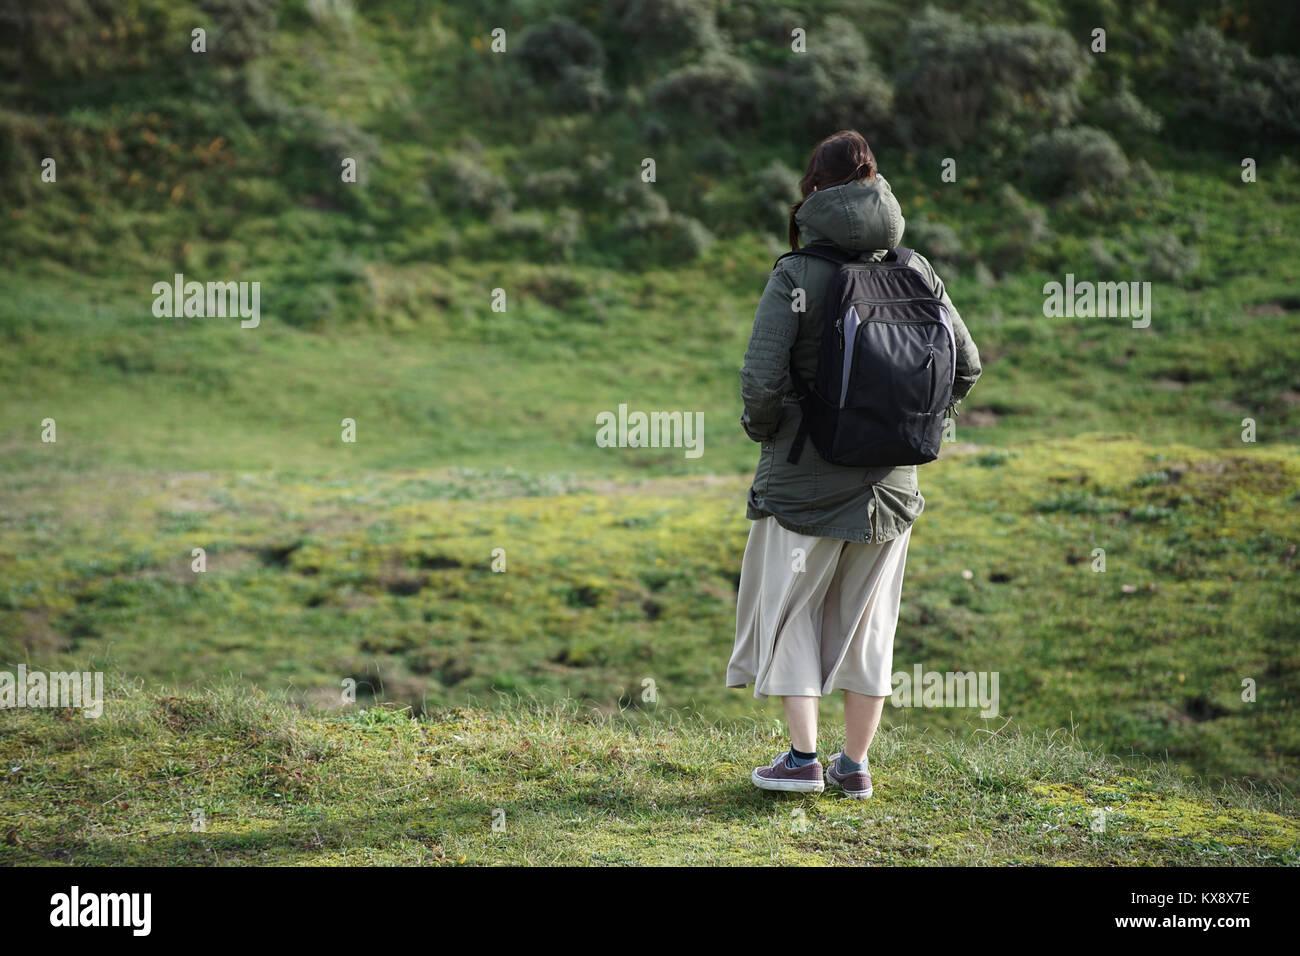 6a496f587400 ... caucásica de pie sobre una colina de hierba por ella misma con una  mochila y una falda larga